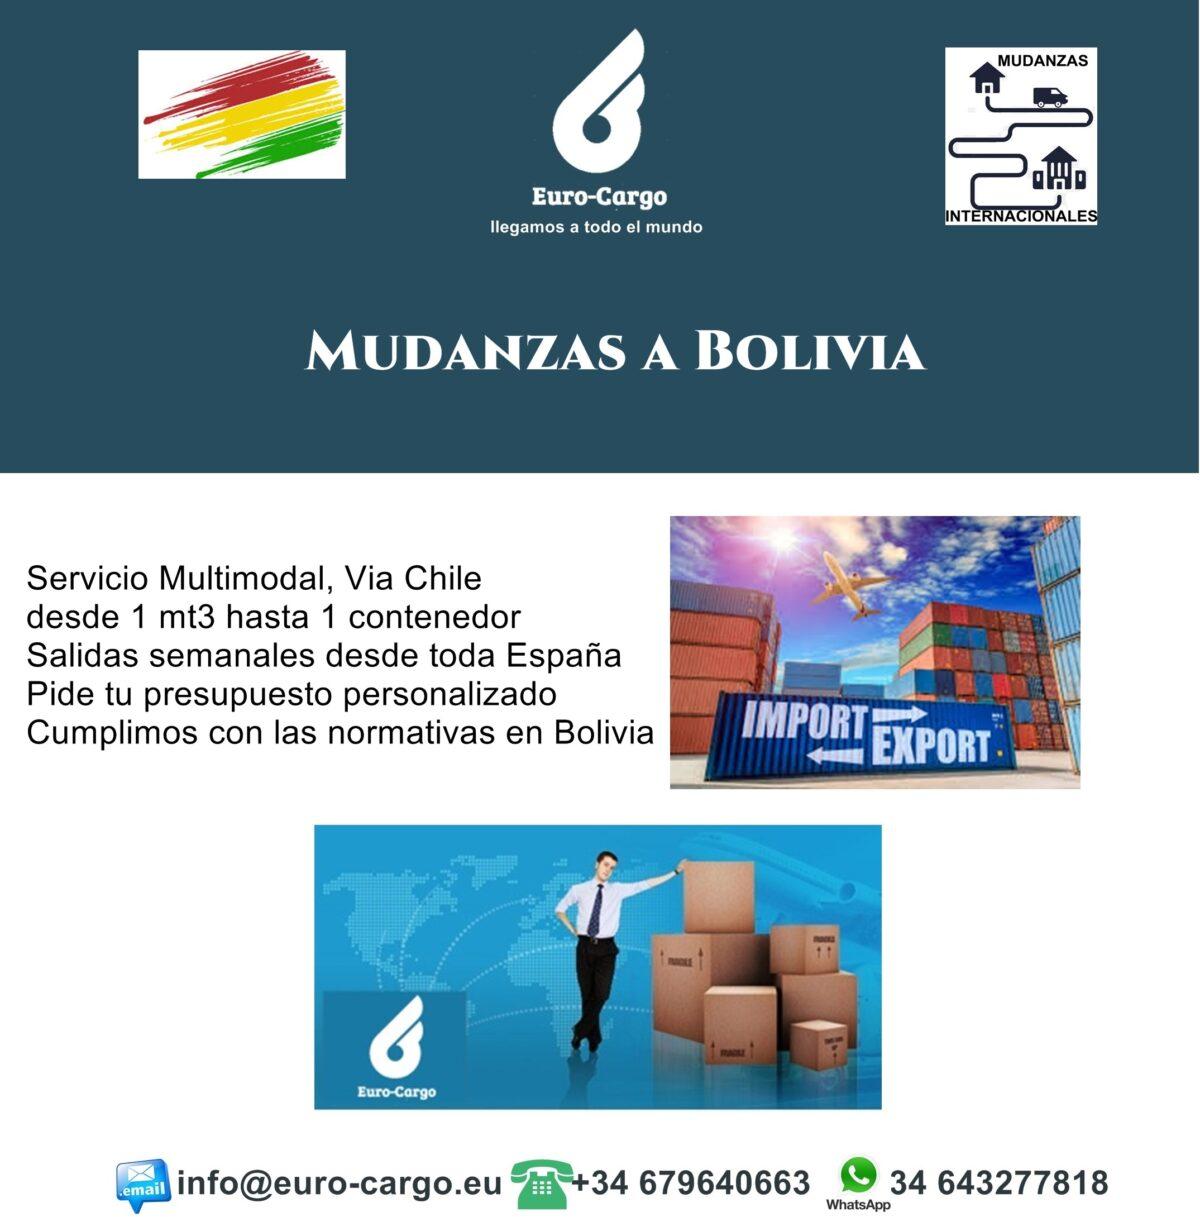 Mudanzas-a-Bolivia-1-1200x1217.jpg